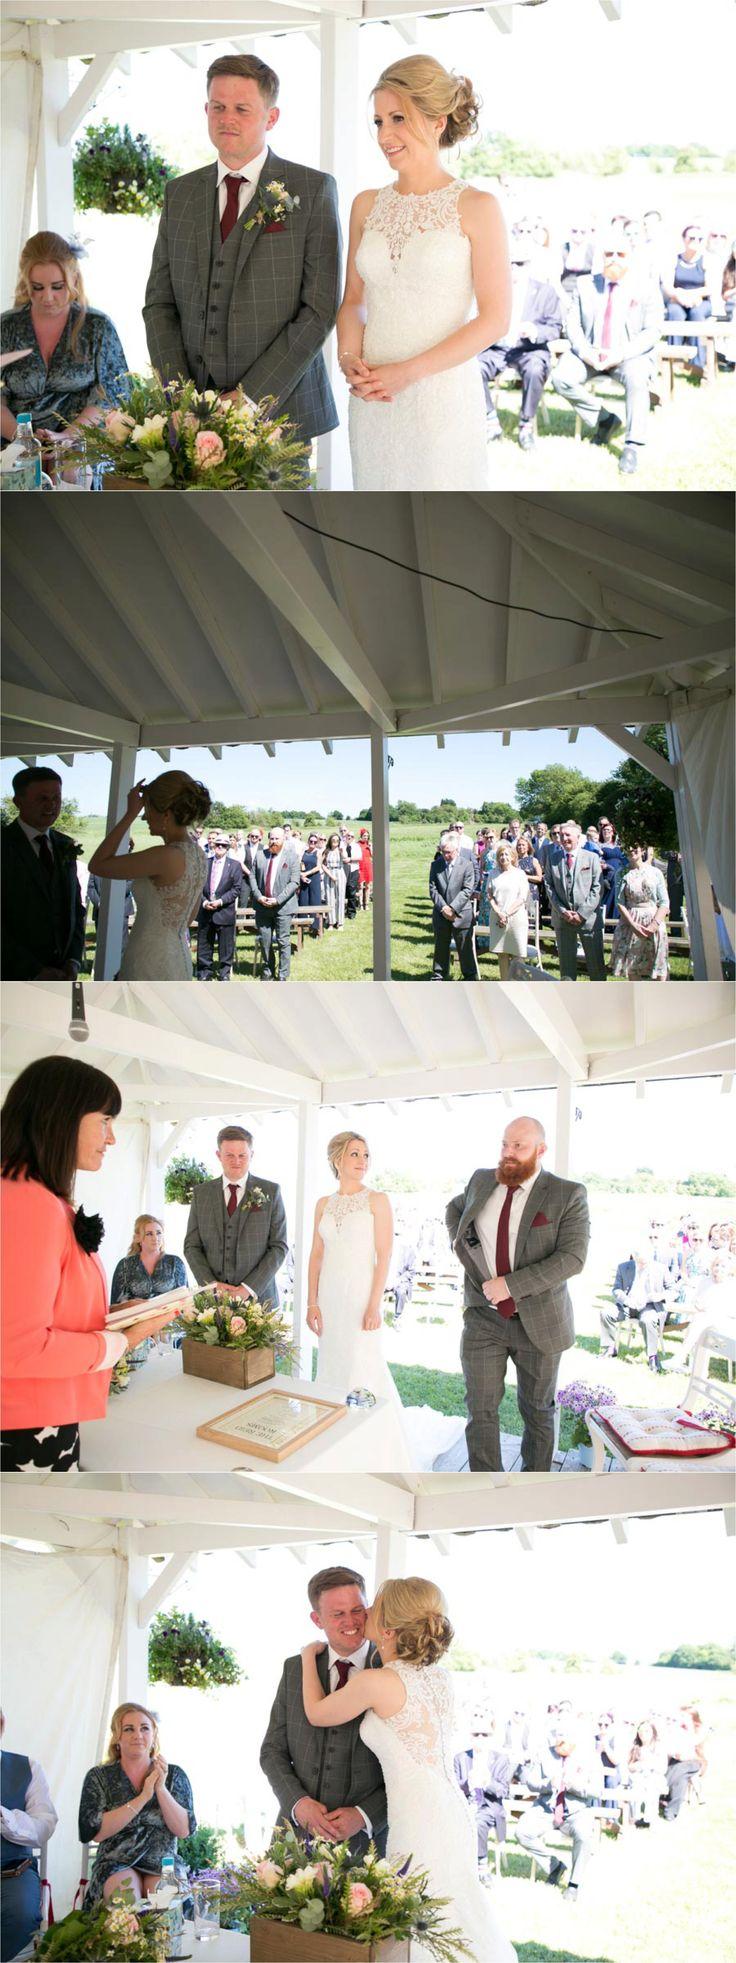 out door ceremony at reid rooms wedding, essex